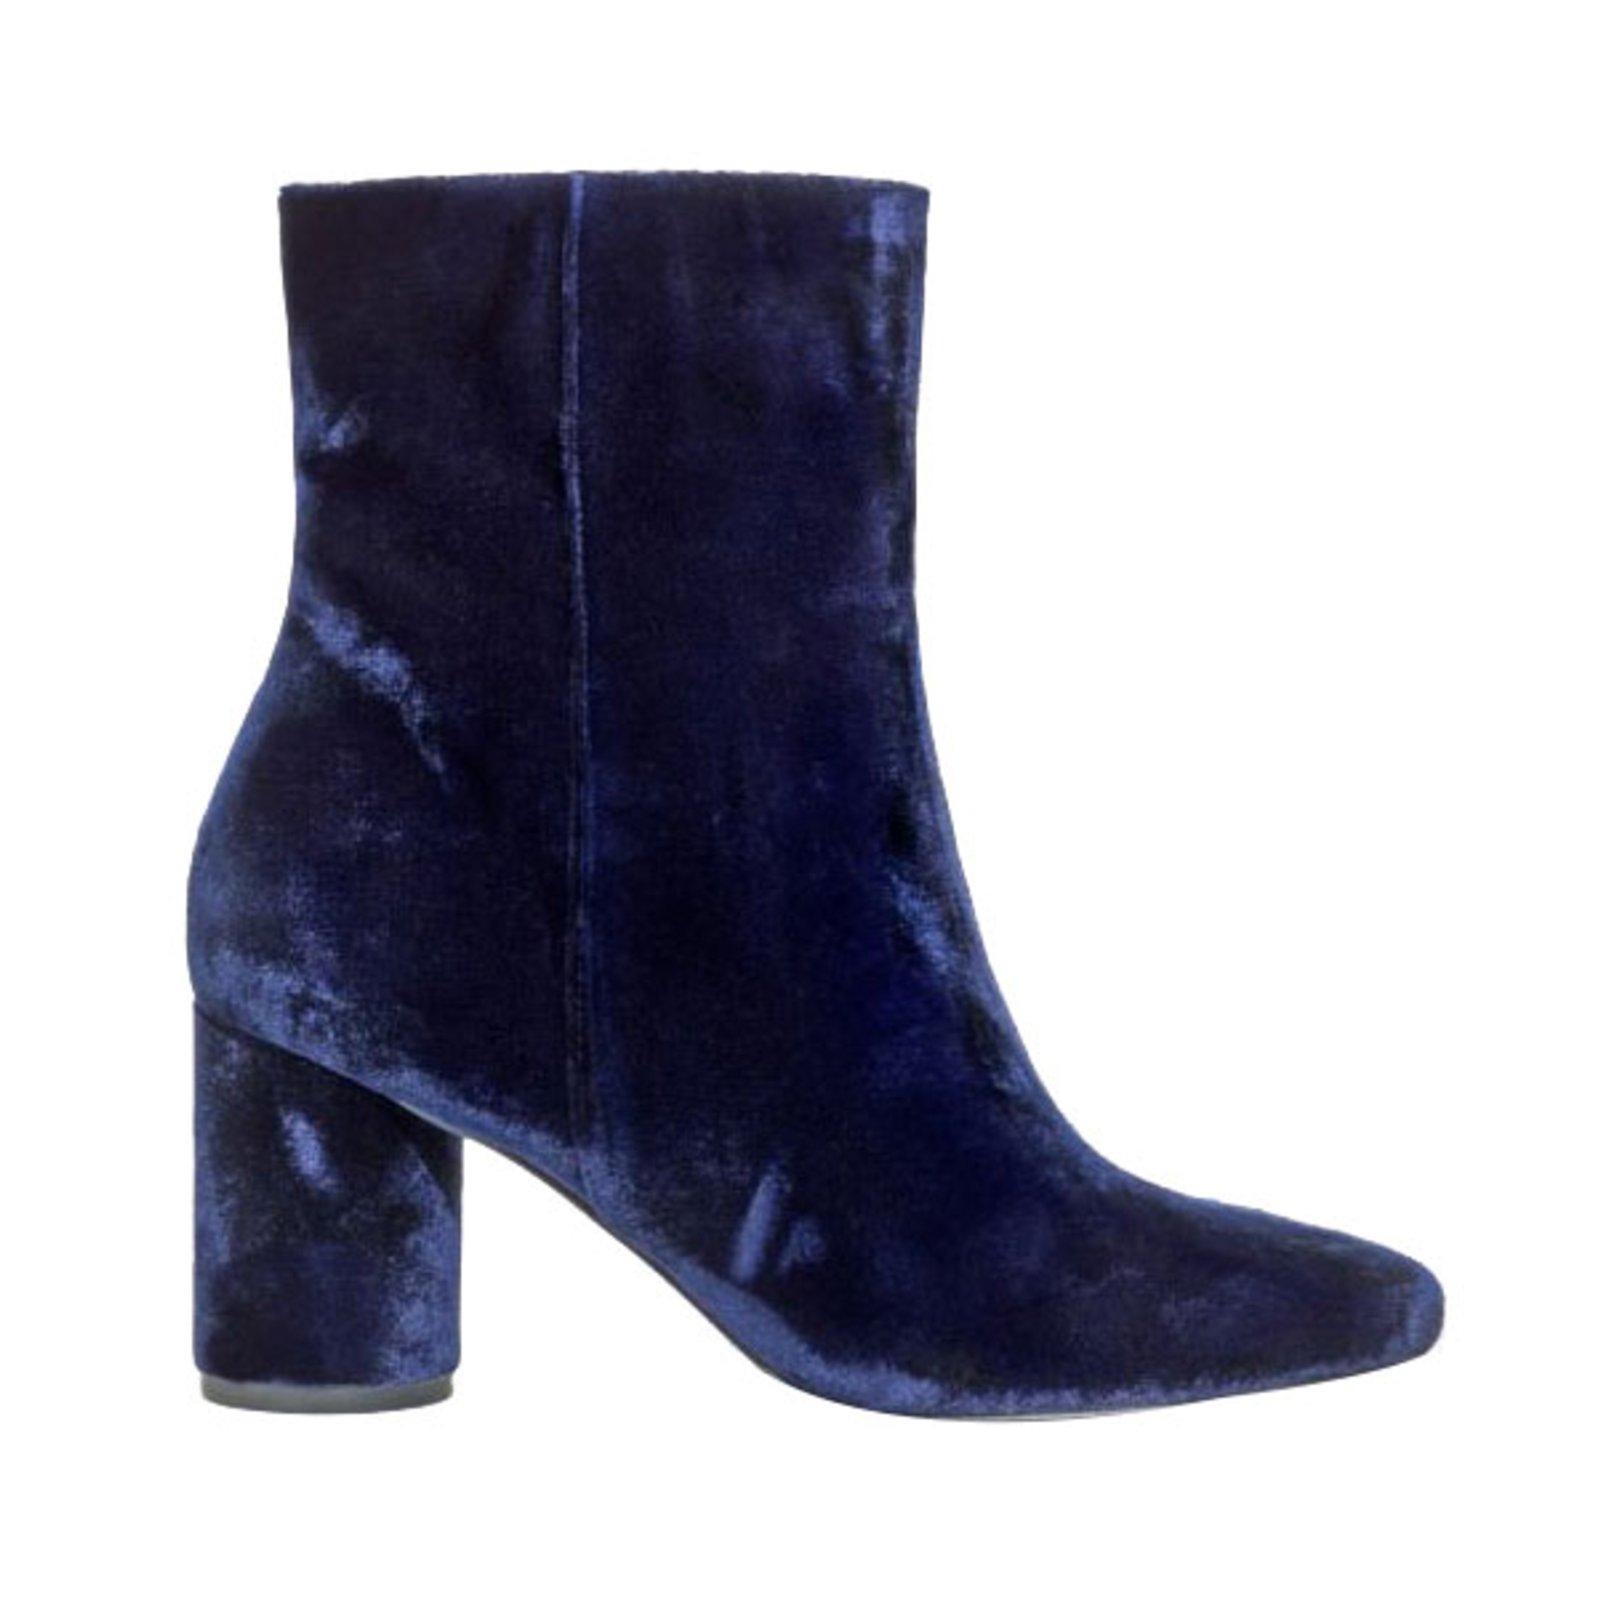 Other Stories Ankle Boots In Velvet Ankle Boots Velvet Navy Blue